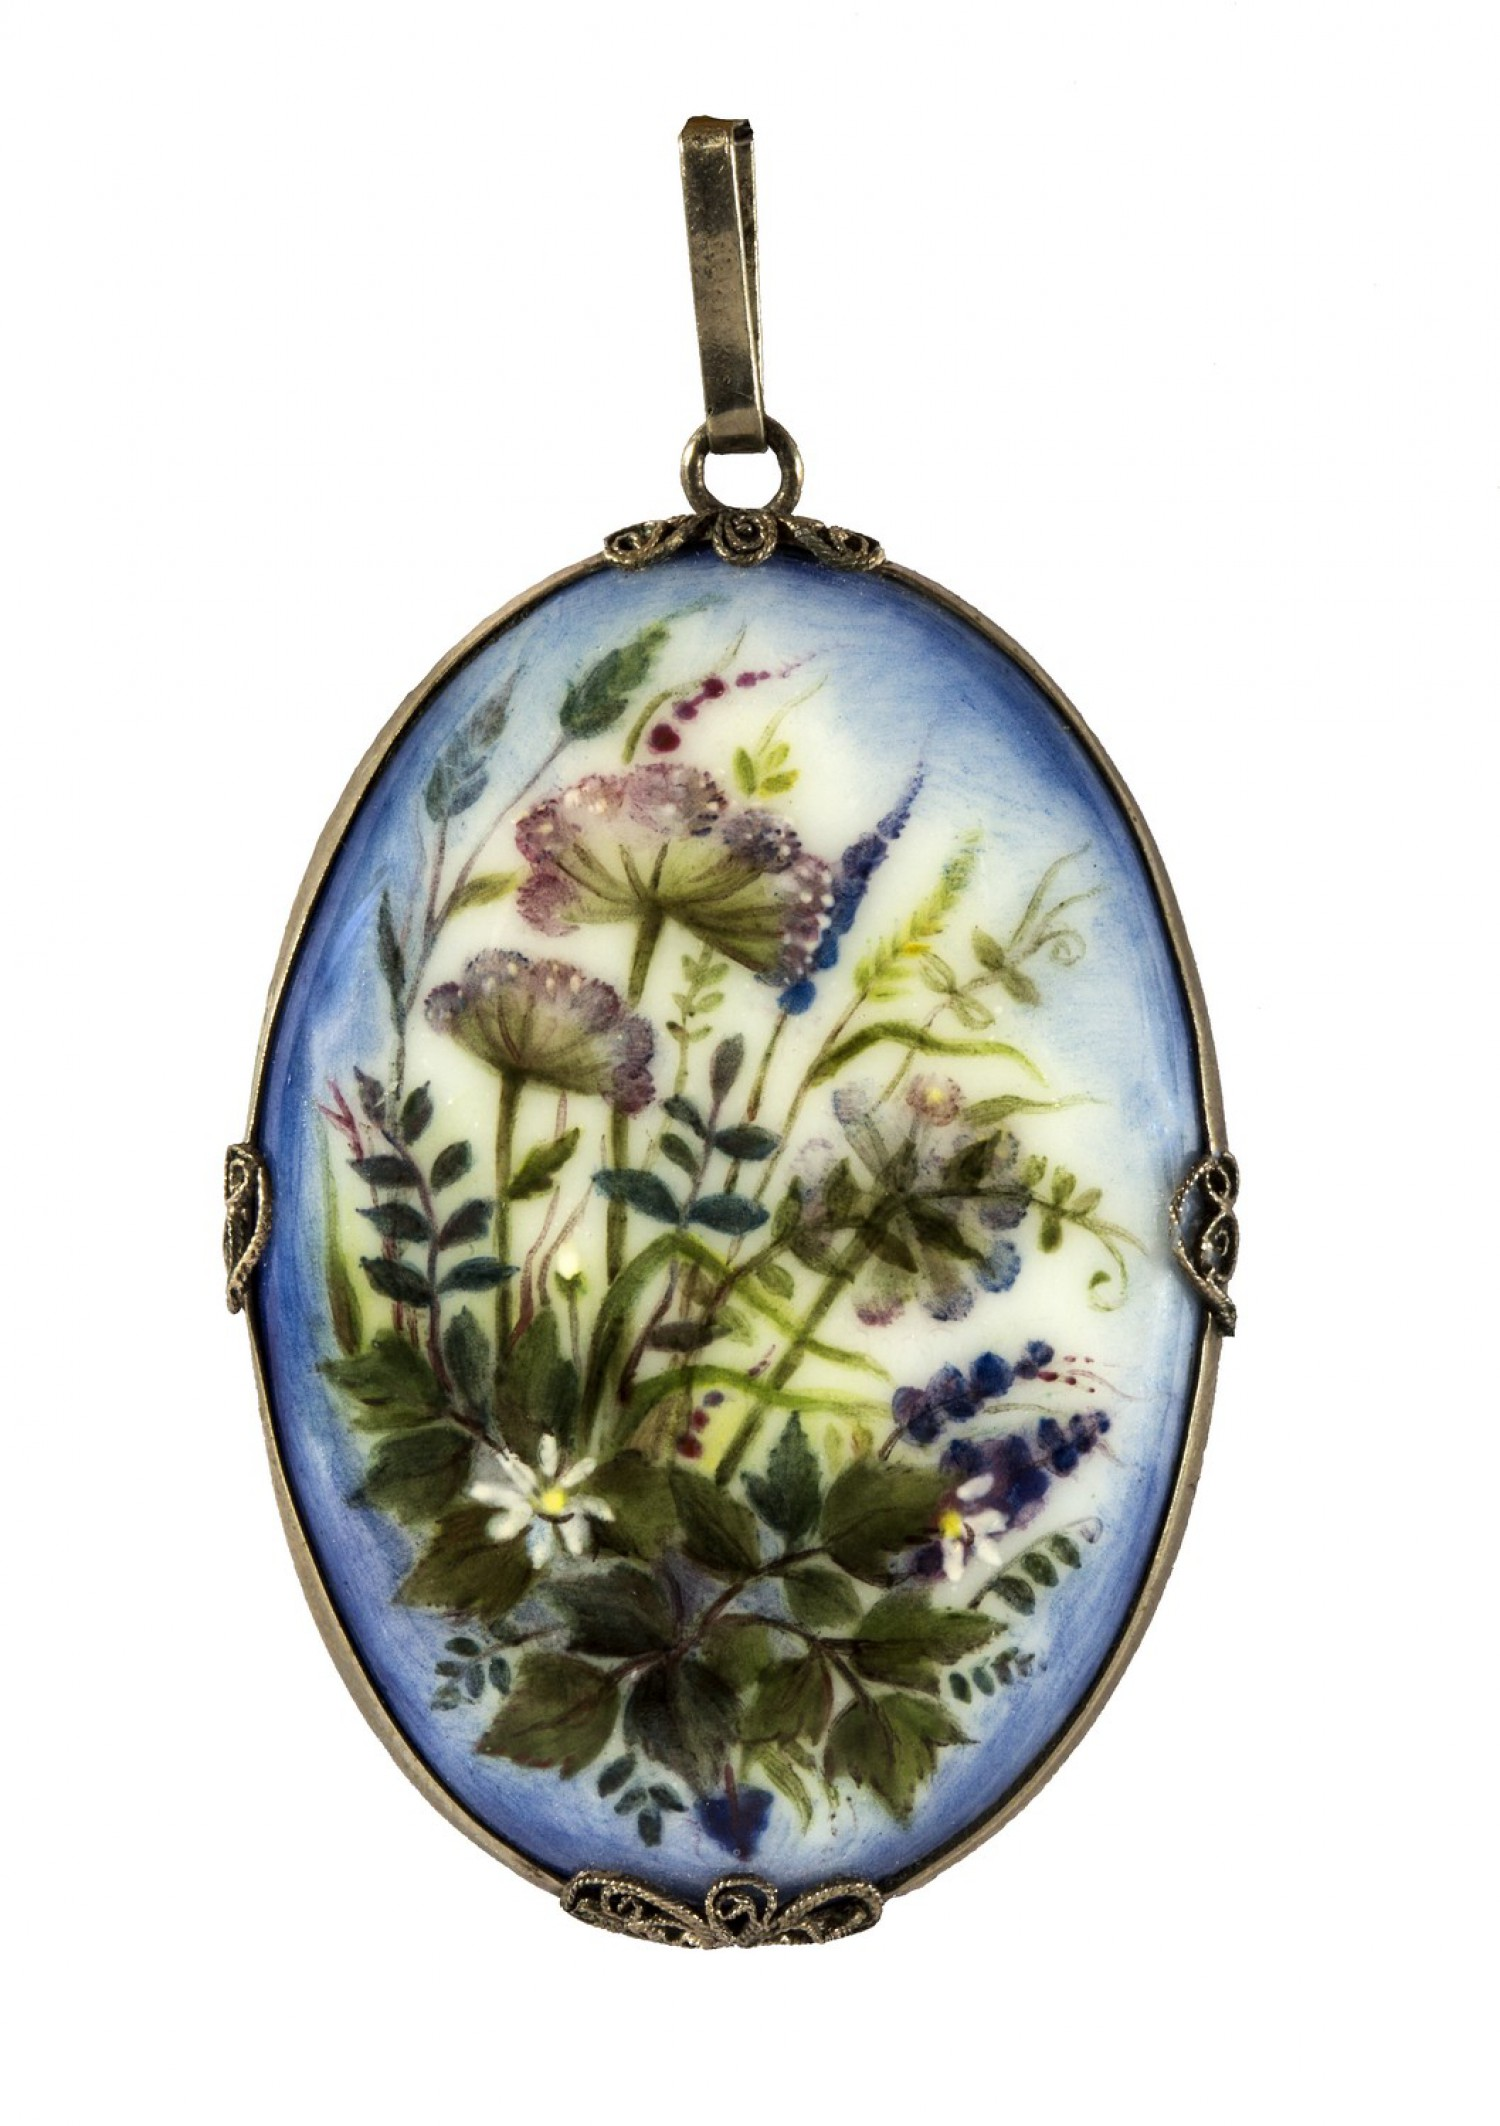 И.А. Алексеева, ювелир А. Г. Алексеев. Кулон «Лето». 1991. Медь, эмаль; мельхиор, скань, 6,3 × 3,4. ГМЗ «Ростовский кремль».